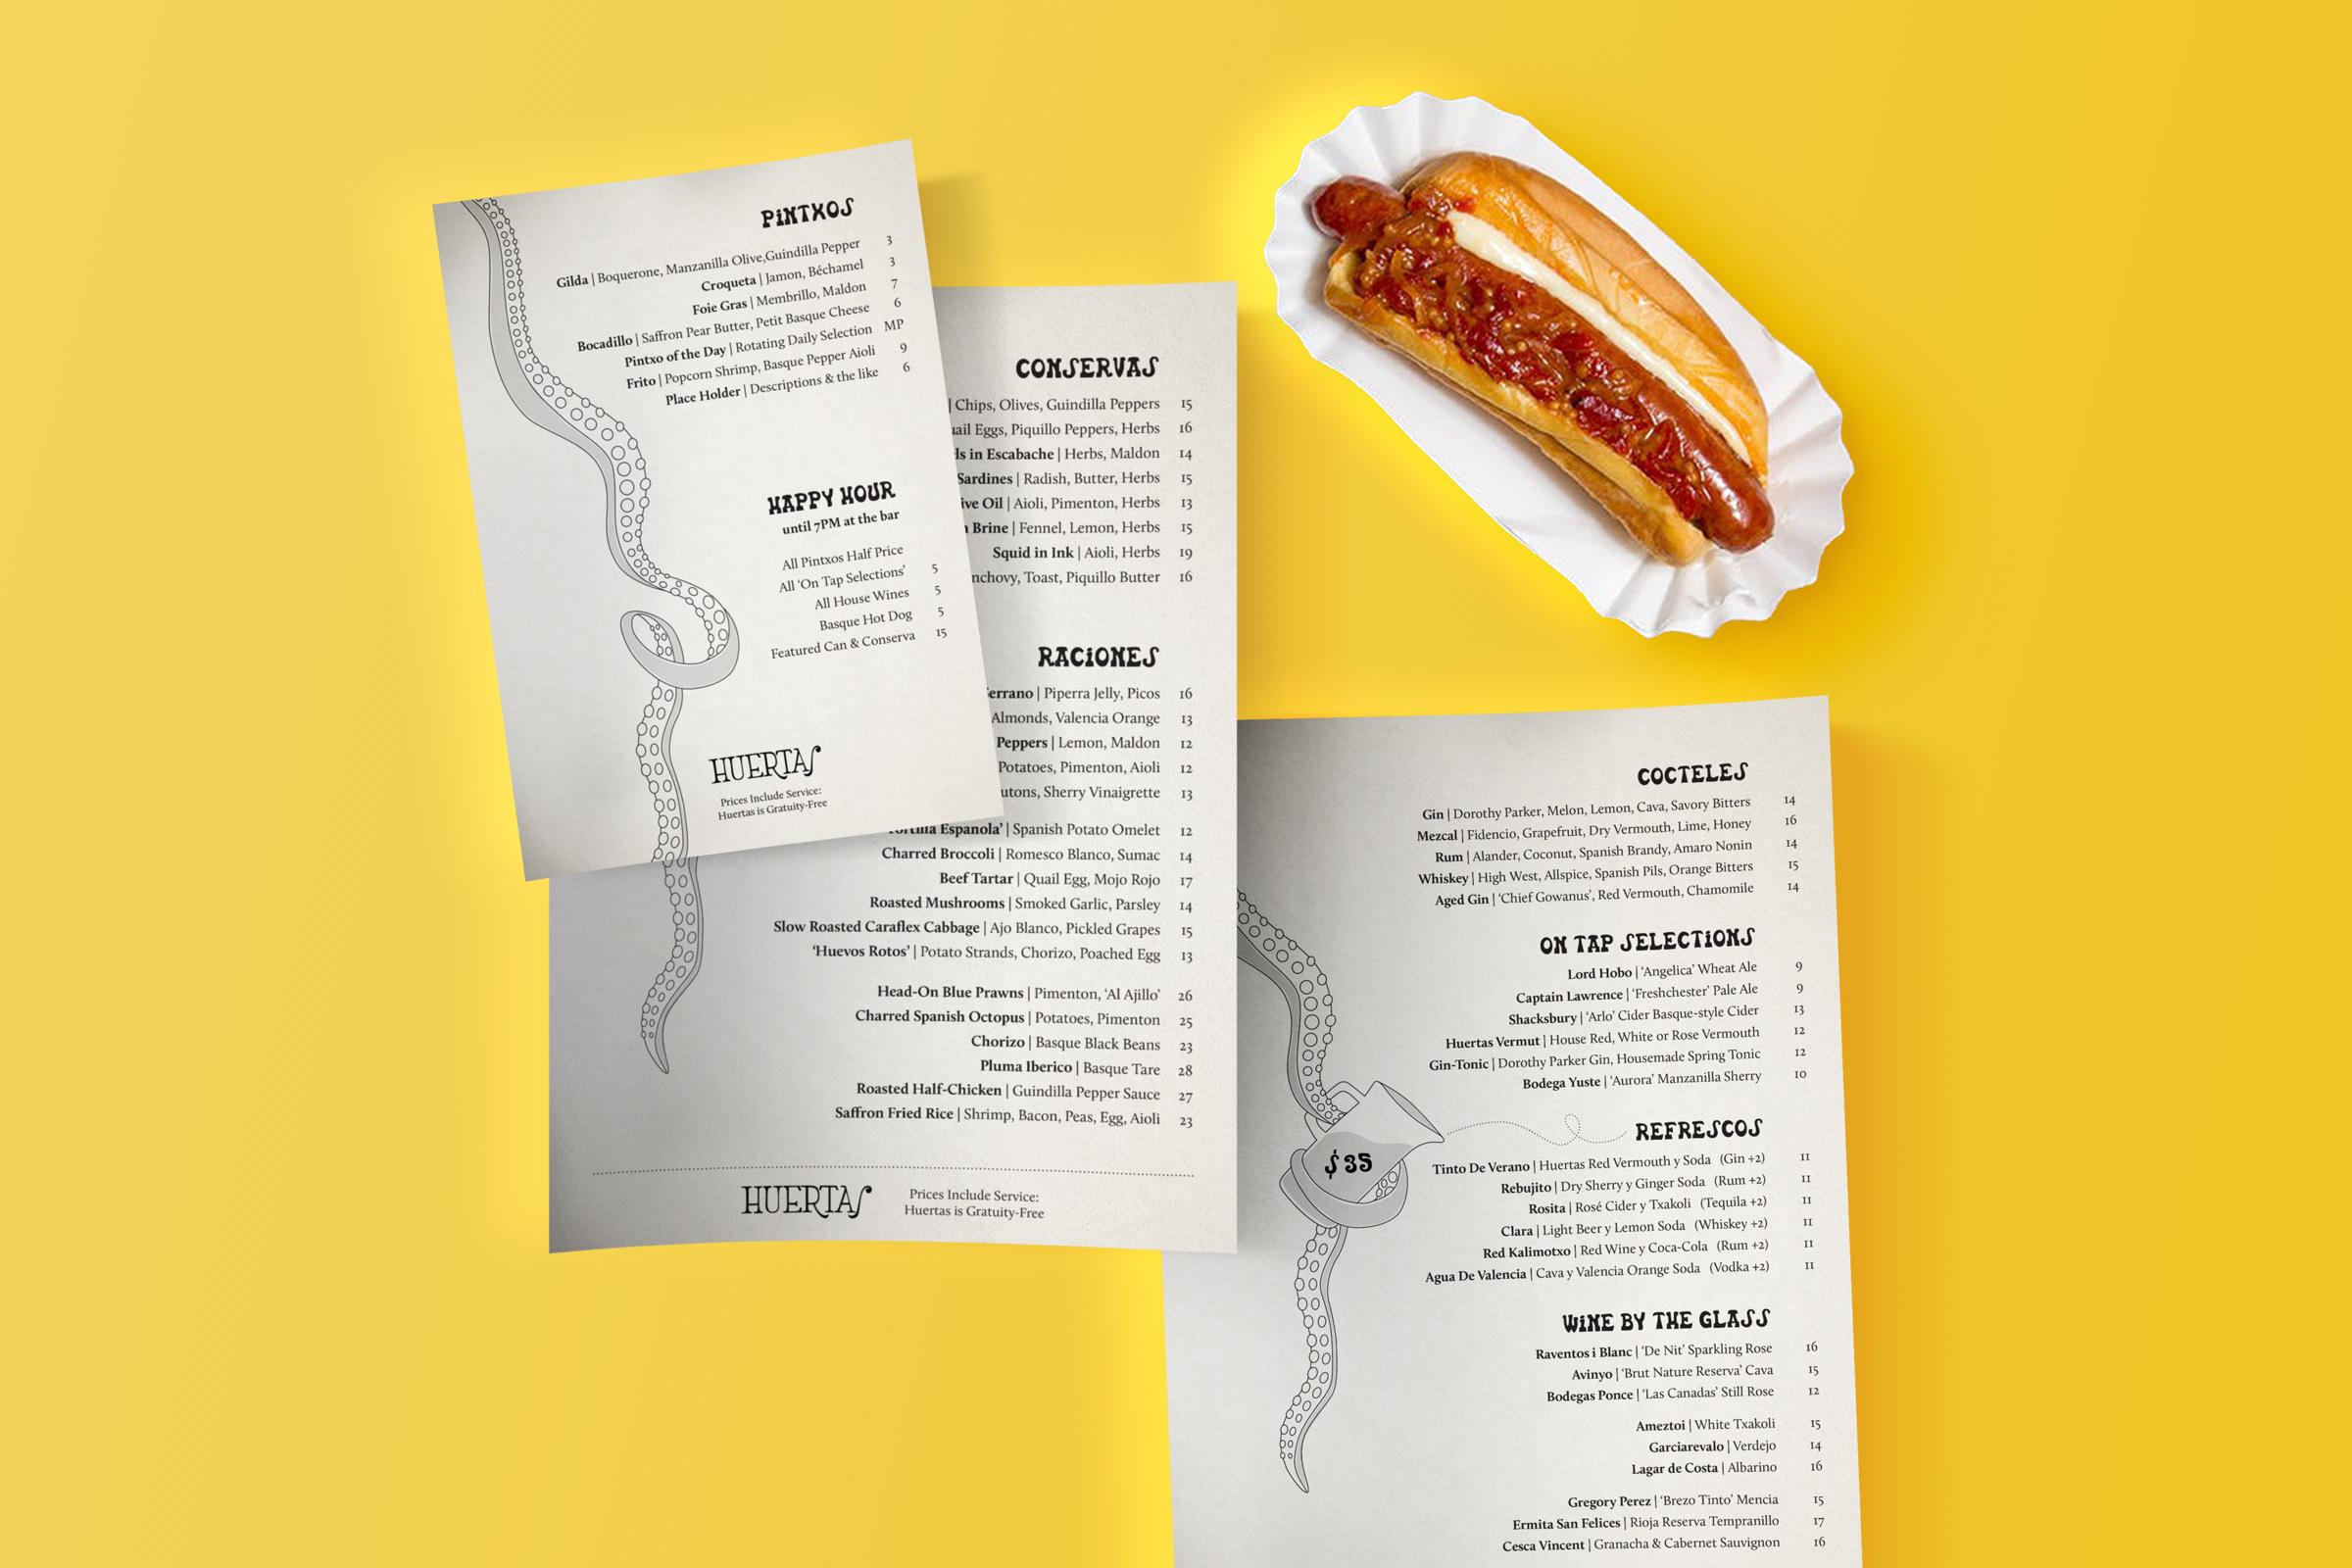 huertas_menus.jpg